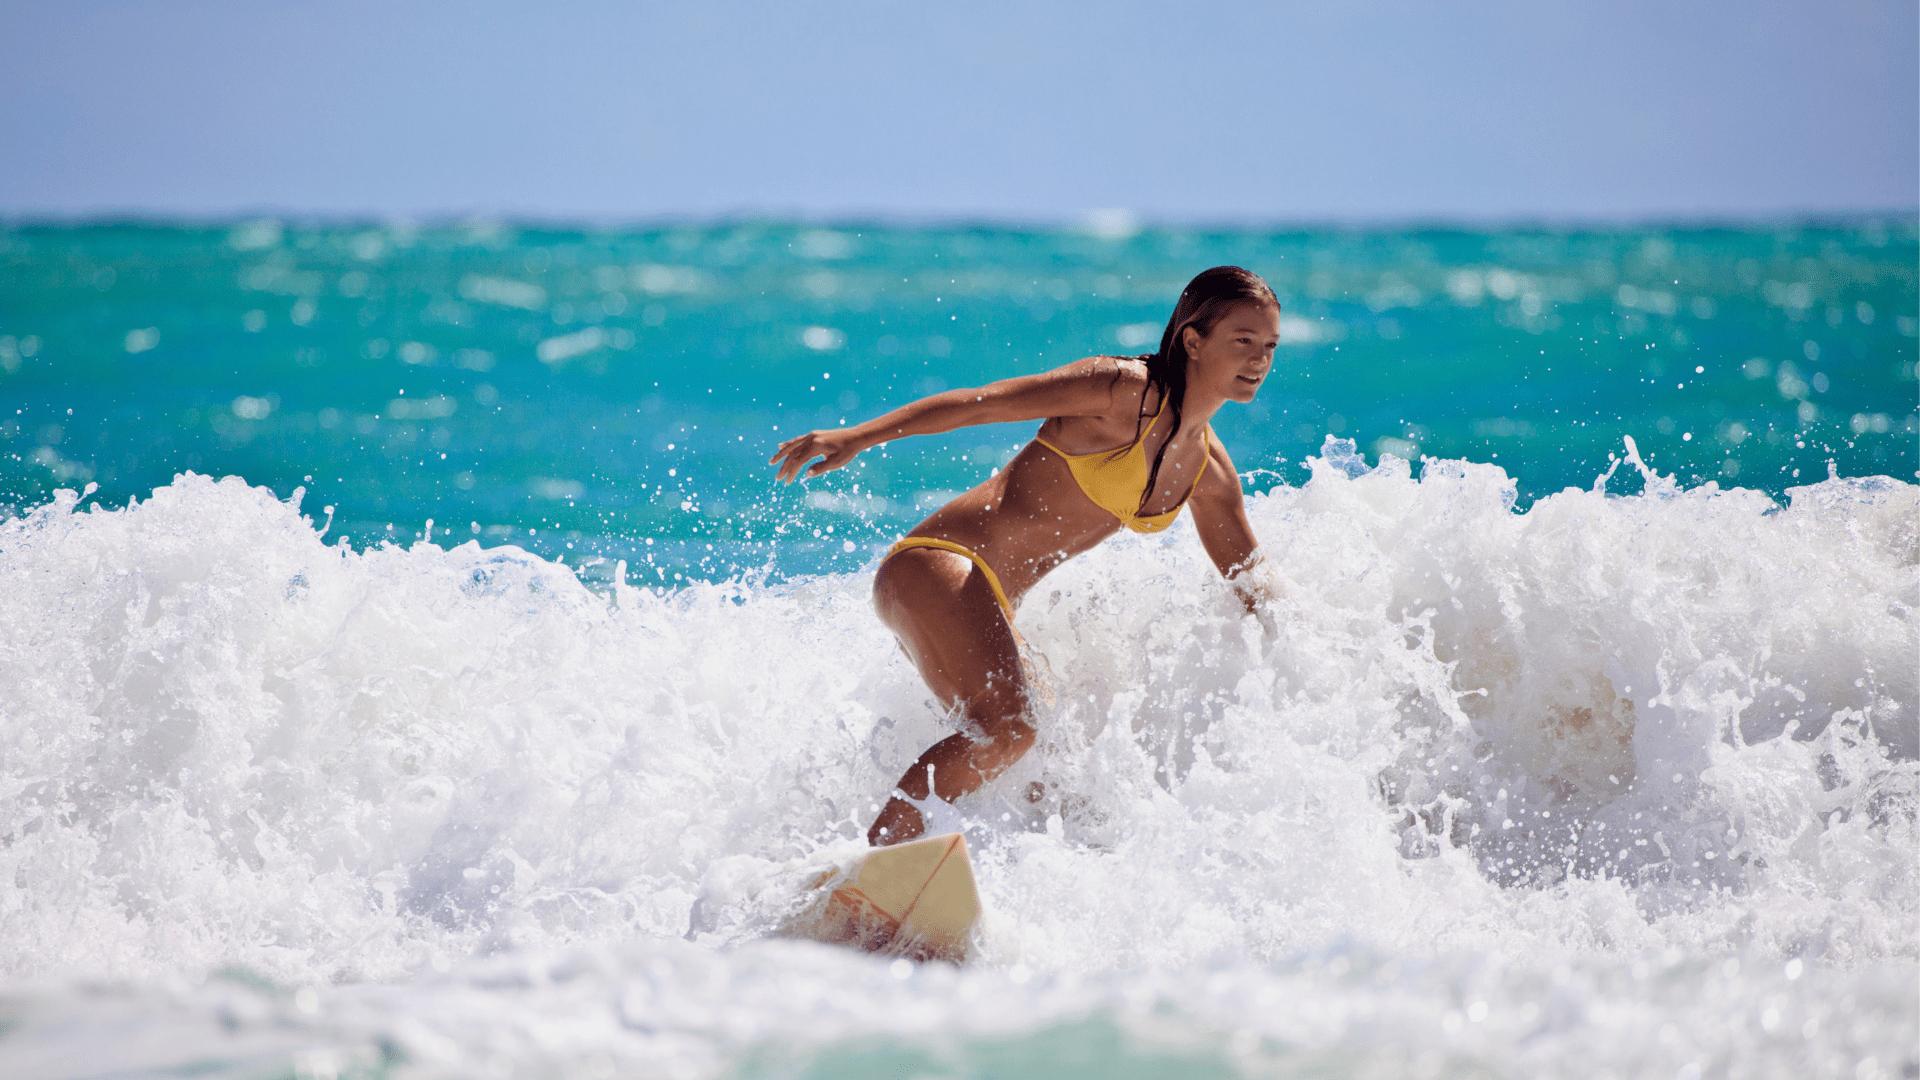 Keliaudami po Havajus galėsite išbandyti banglenčių sportą